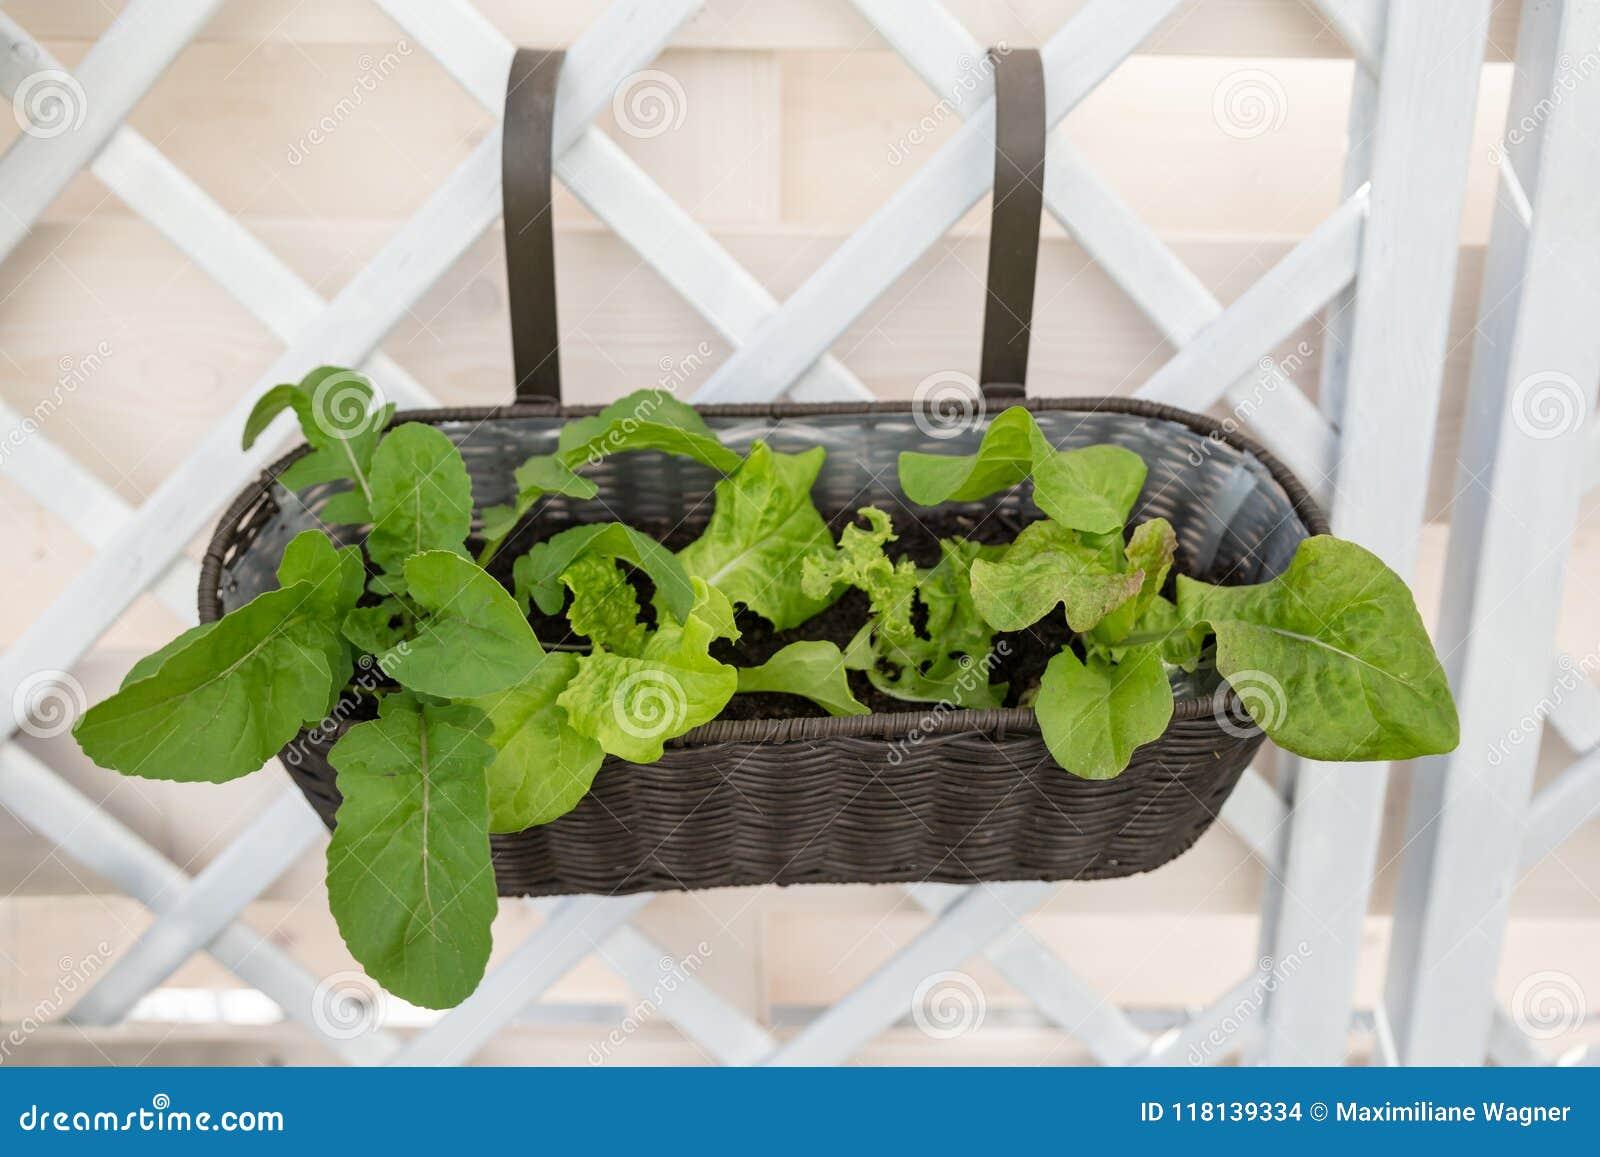 Kopfsalat-Anlagen im Balkon-Kasten, der am Gitter hängt